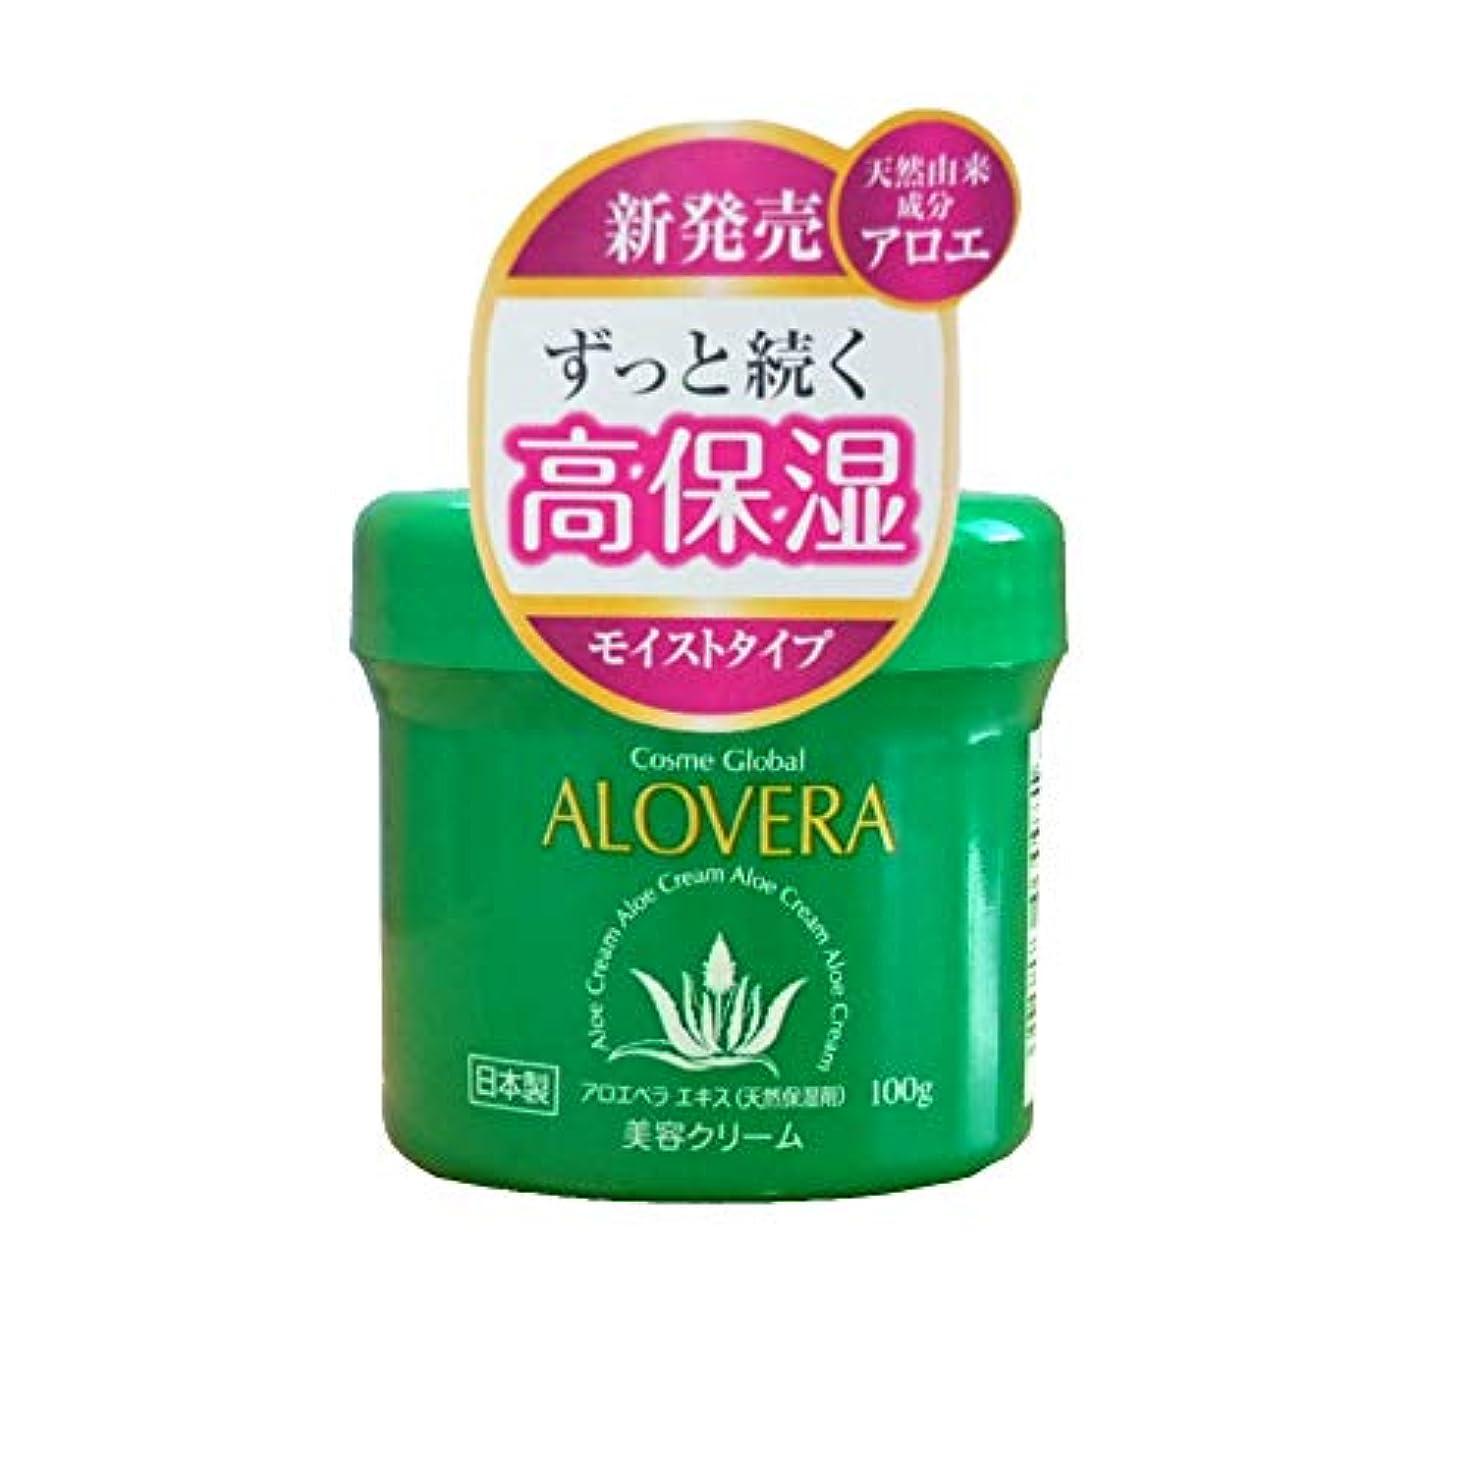 カウンタハミングバード代数的ALOVERA アロベラ アロエベラ葉エキスをたっぷり配合 日本製 高保湿スキンケア 顔?全身用 (クリーム 100g)